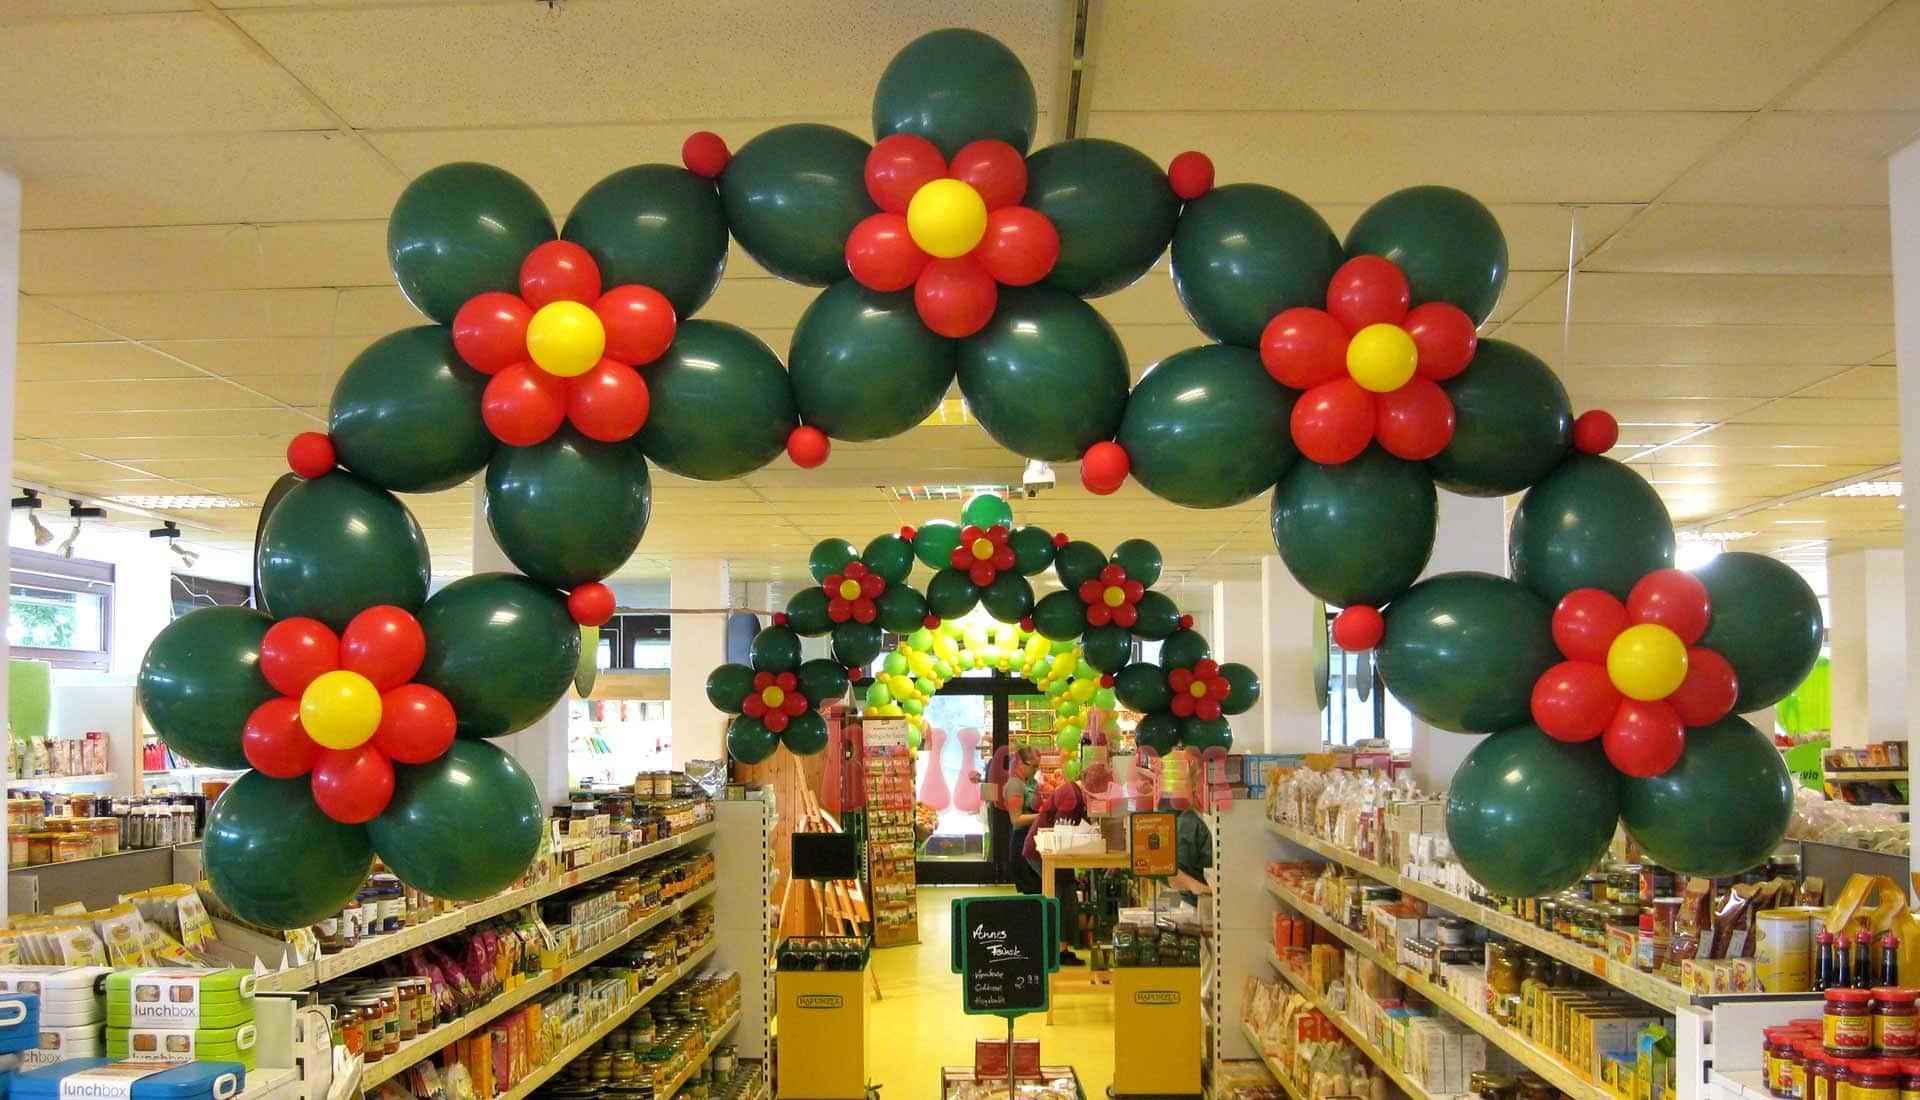 Ballonblumenkranz in einem Biomarkt